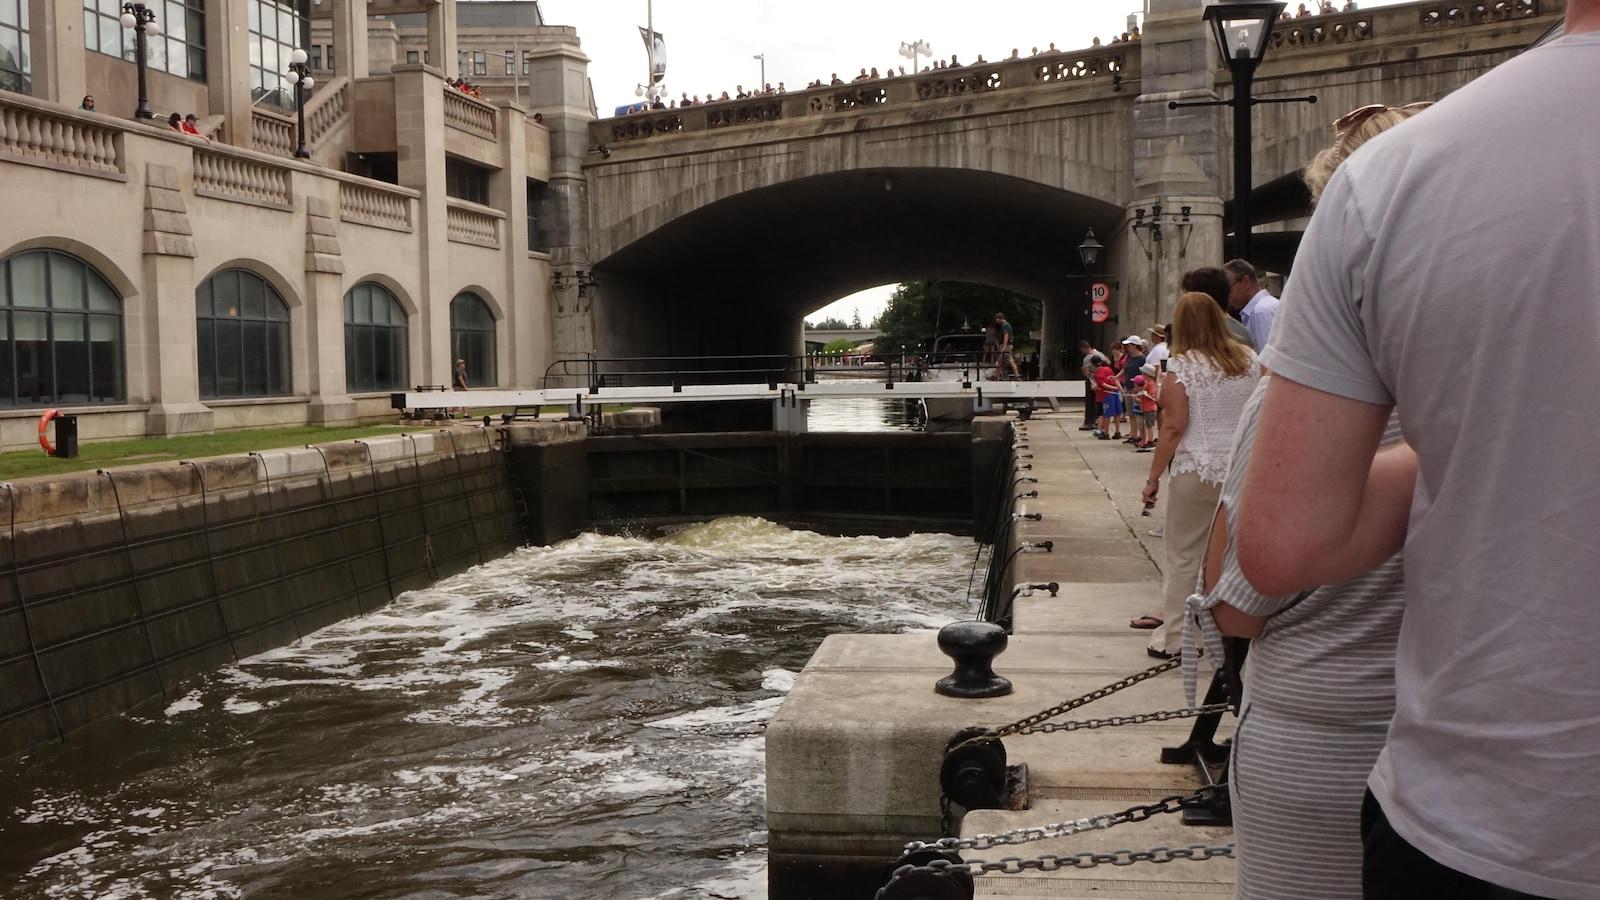 Les opérations d'éclusage sur le canal Rideau constituent un spectacle qui attire plusieurs dizaines de touristes pendant la période estivale.